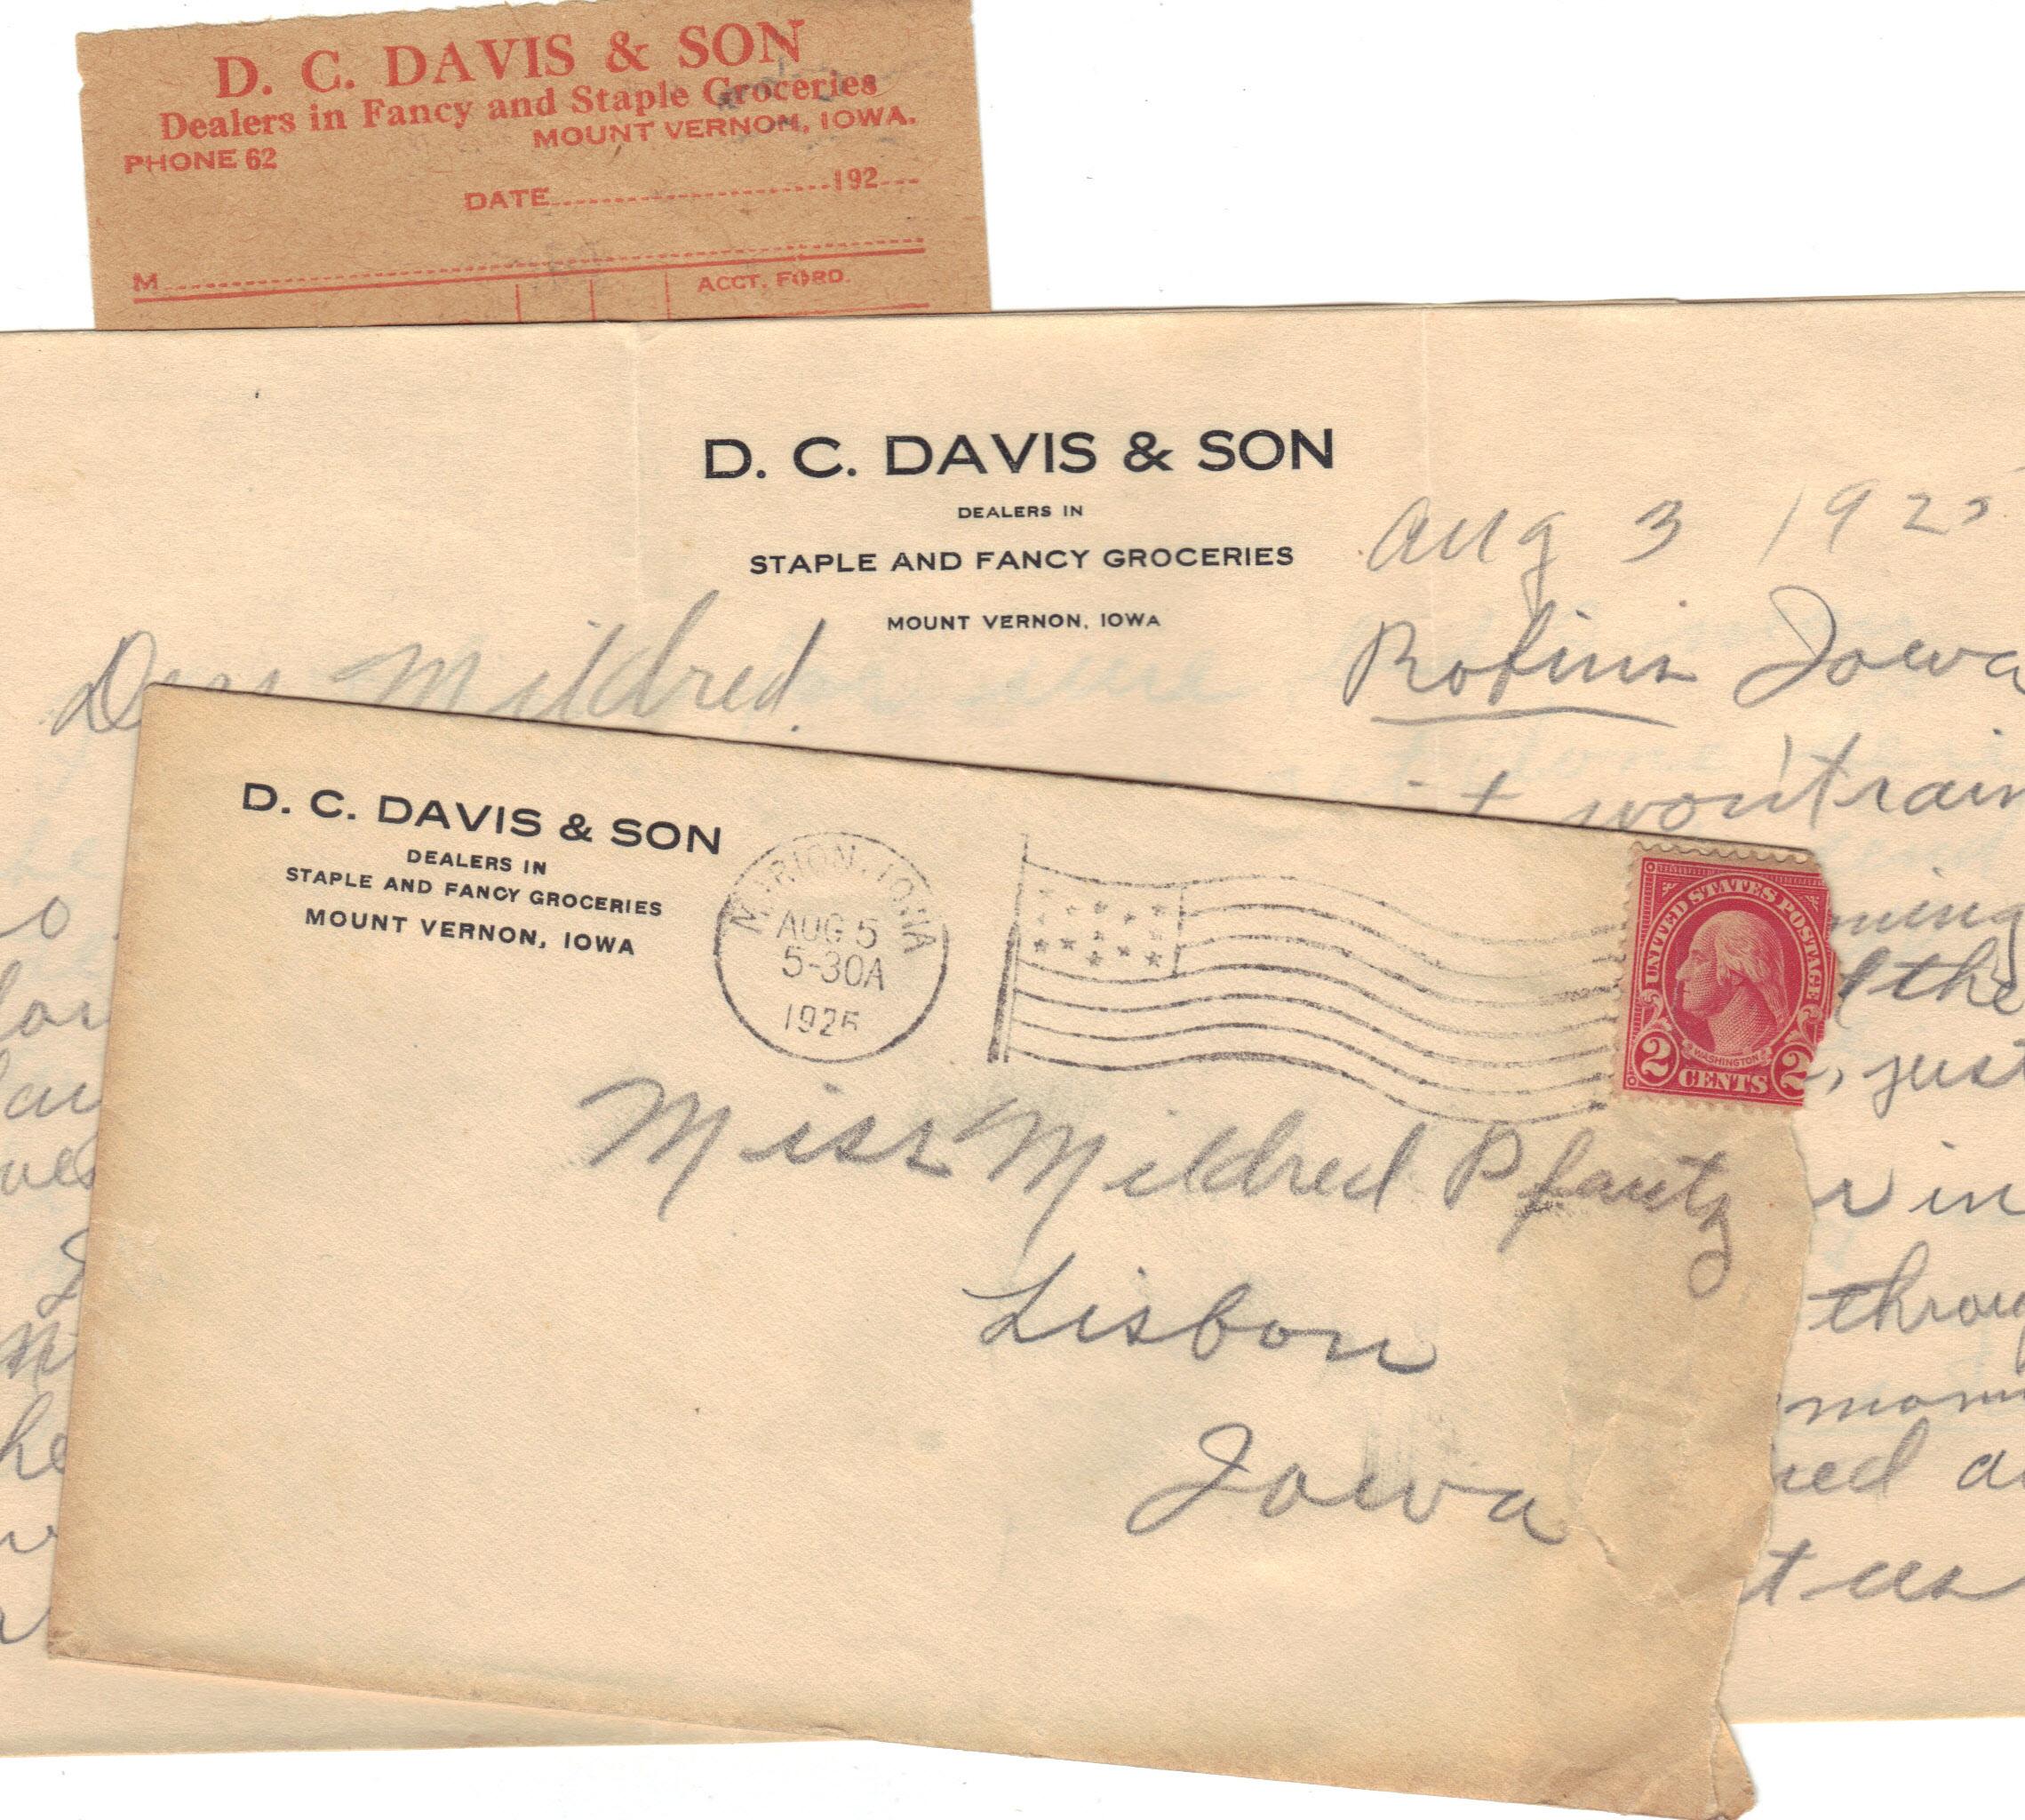 Photo of D.C. Davis & Son Letterhead